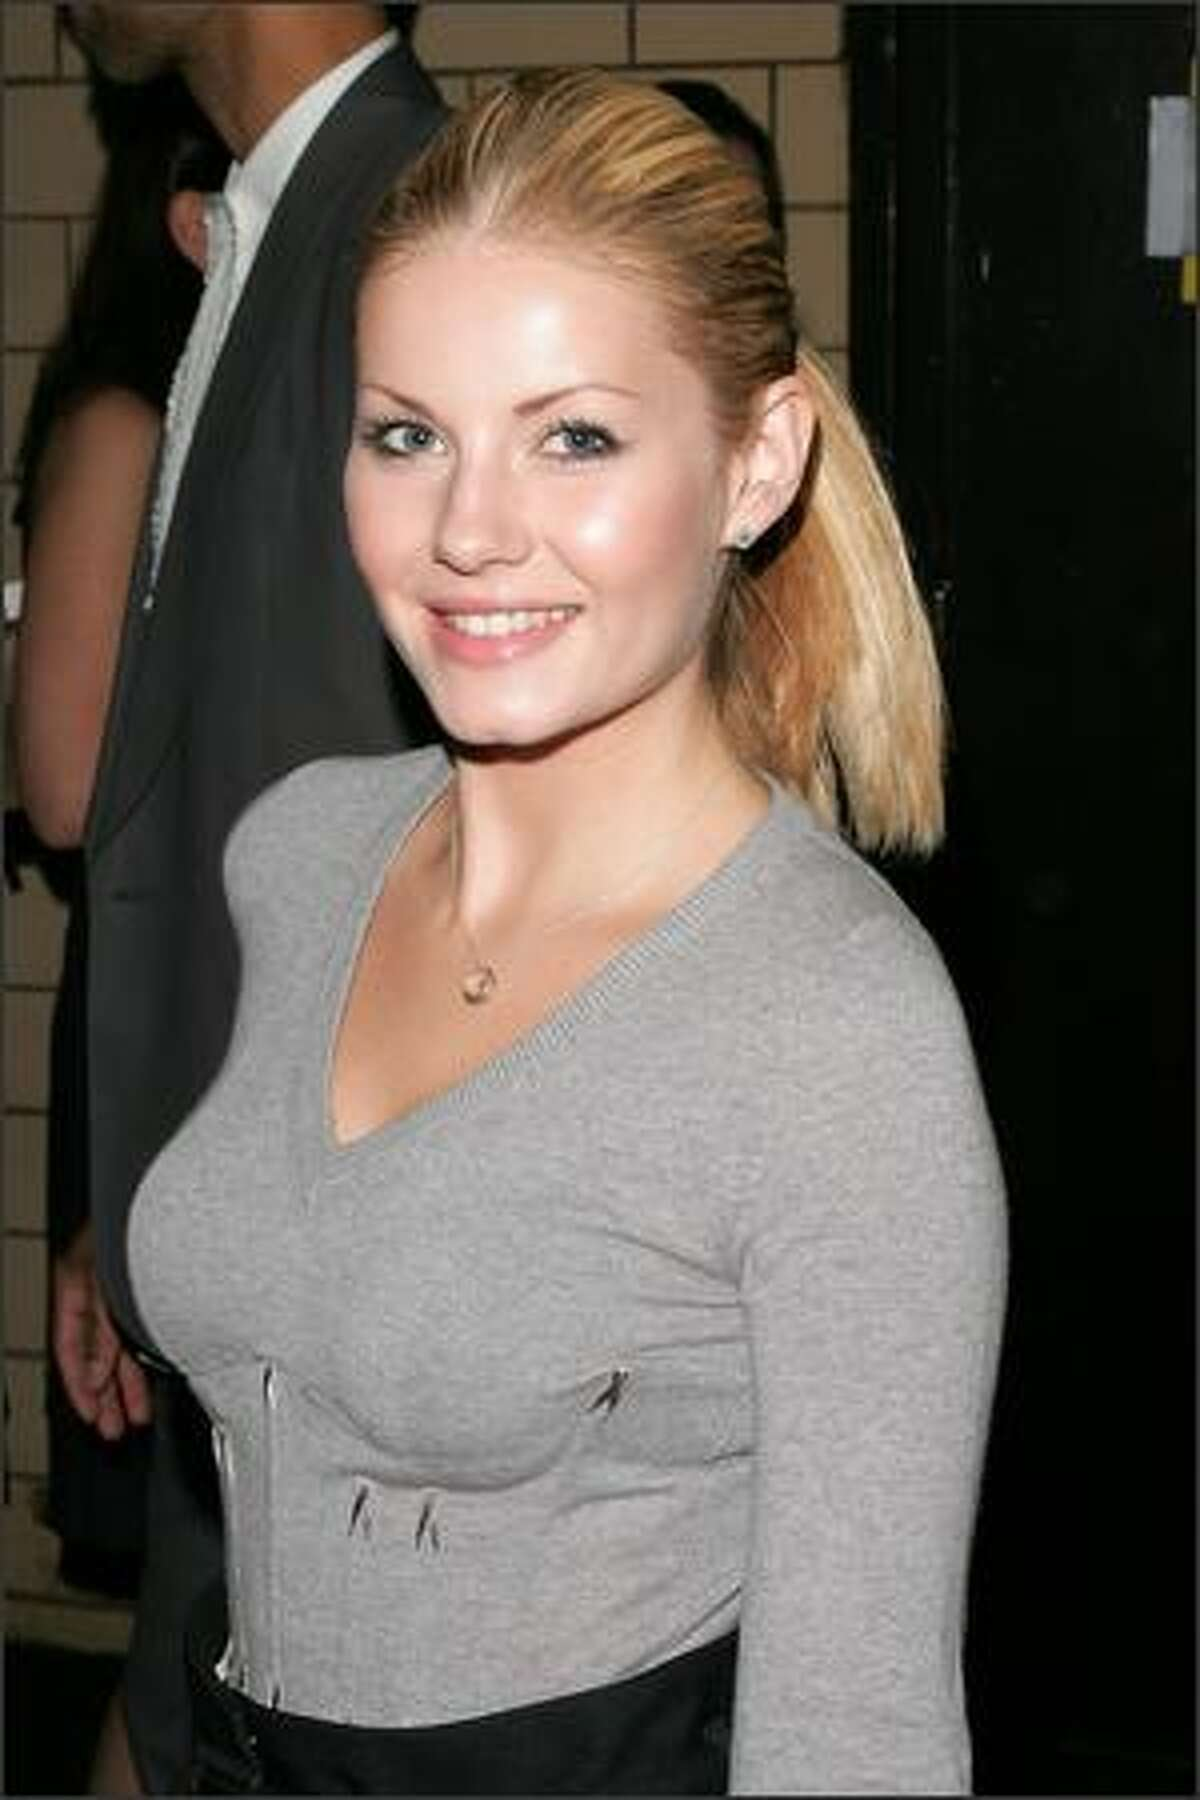 No. 7: Canadian actress Elisha Cuthbert (photo taken Sept. 10, 2007).